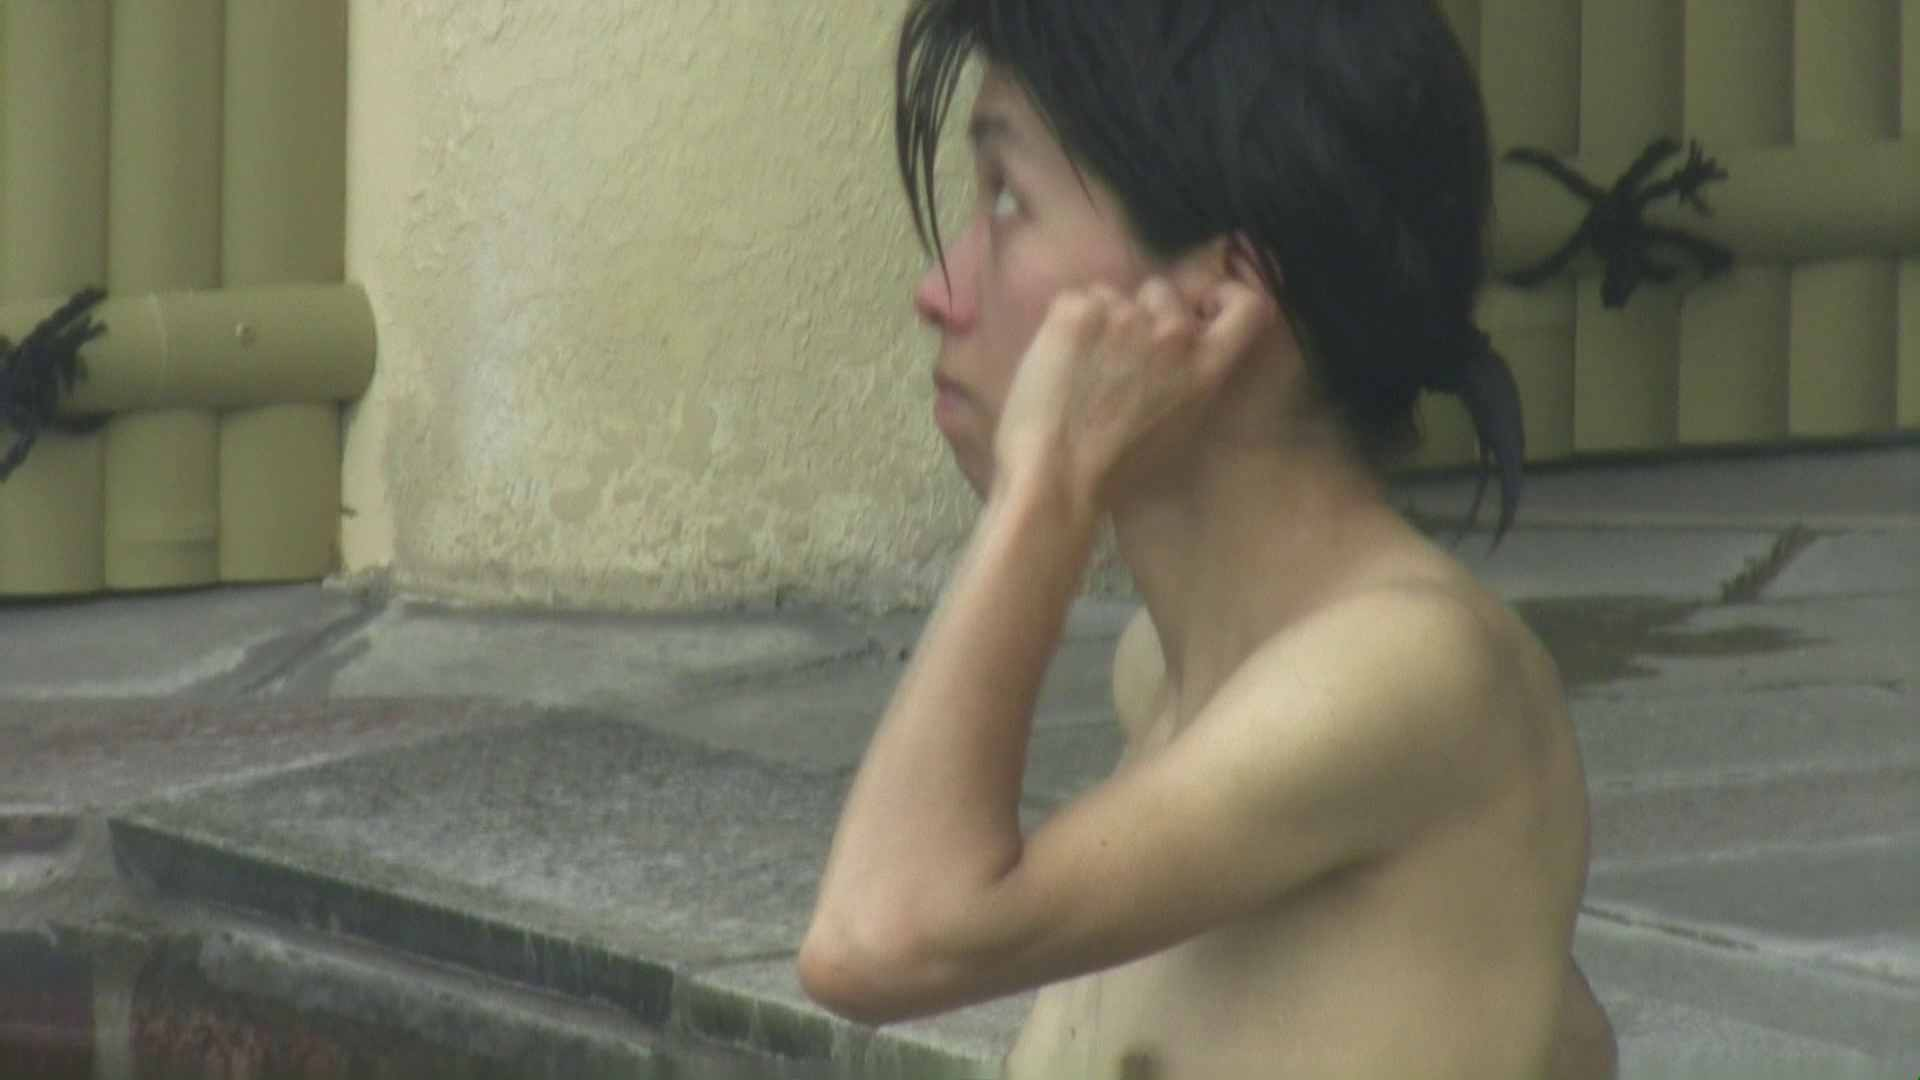 高画質露天女風呂観察 vol.028 露天風呂 すけべAV動画紹介 108連発 38